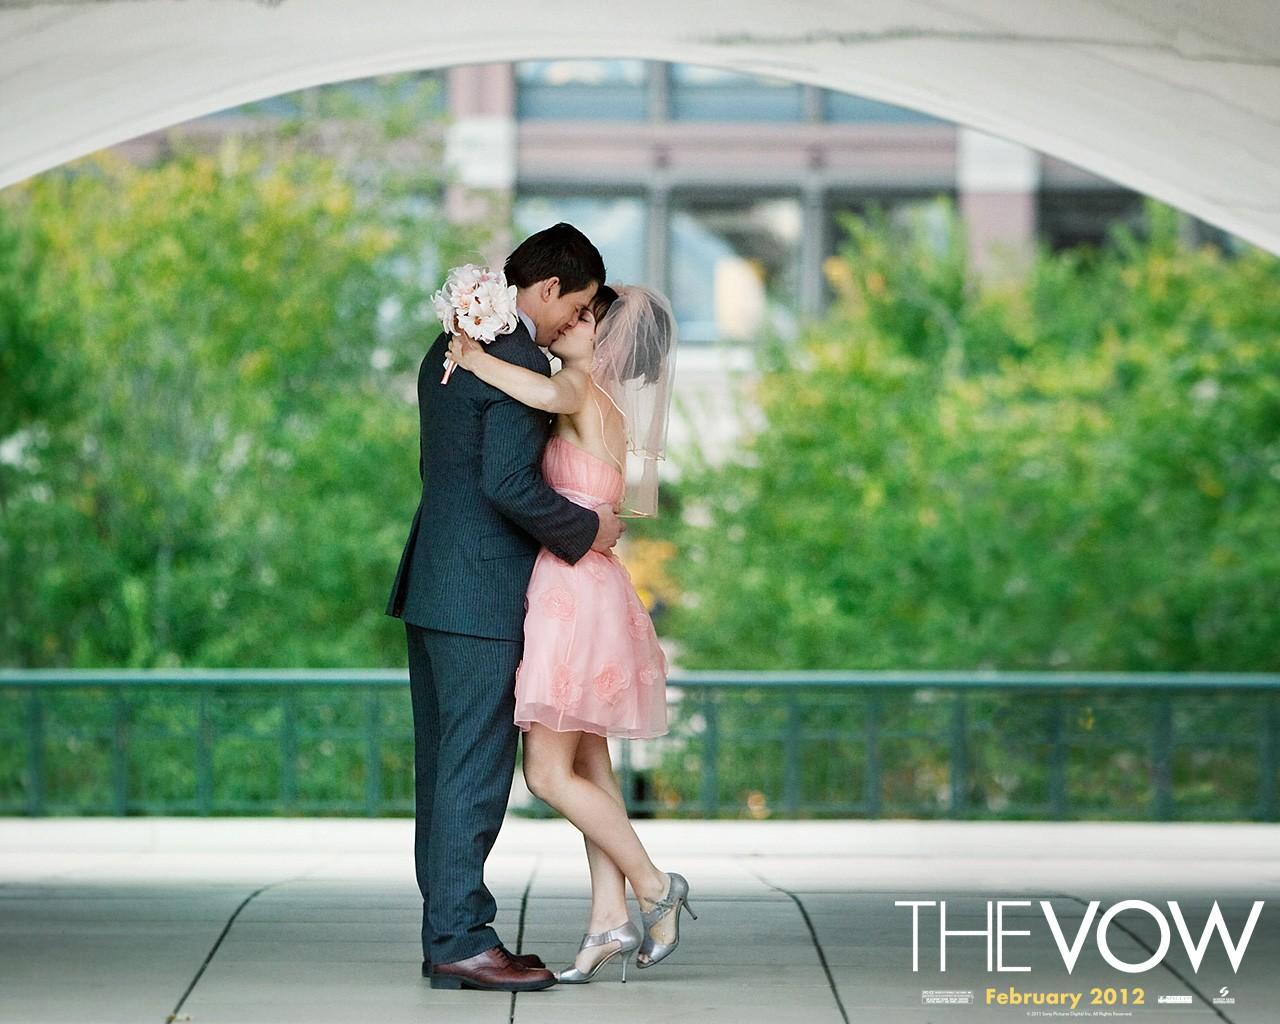 Channing Tatum e Rachel McAdams in un romantico wallpaper di The Vow